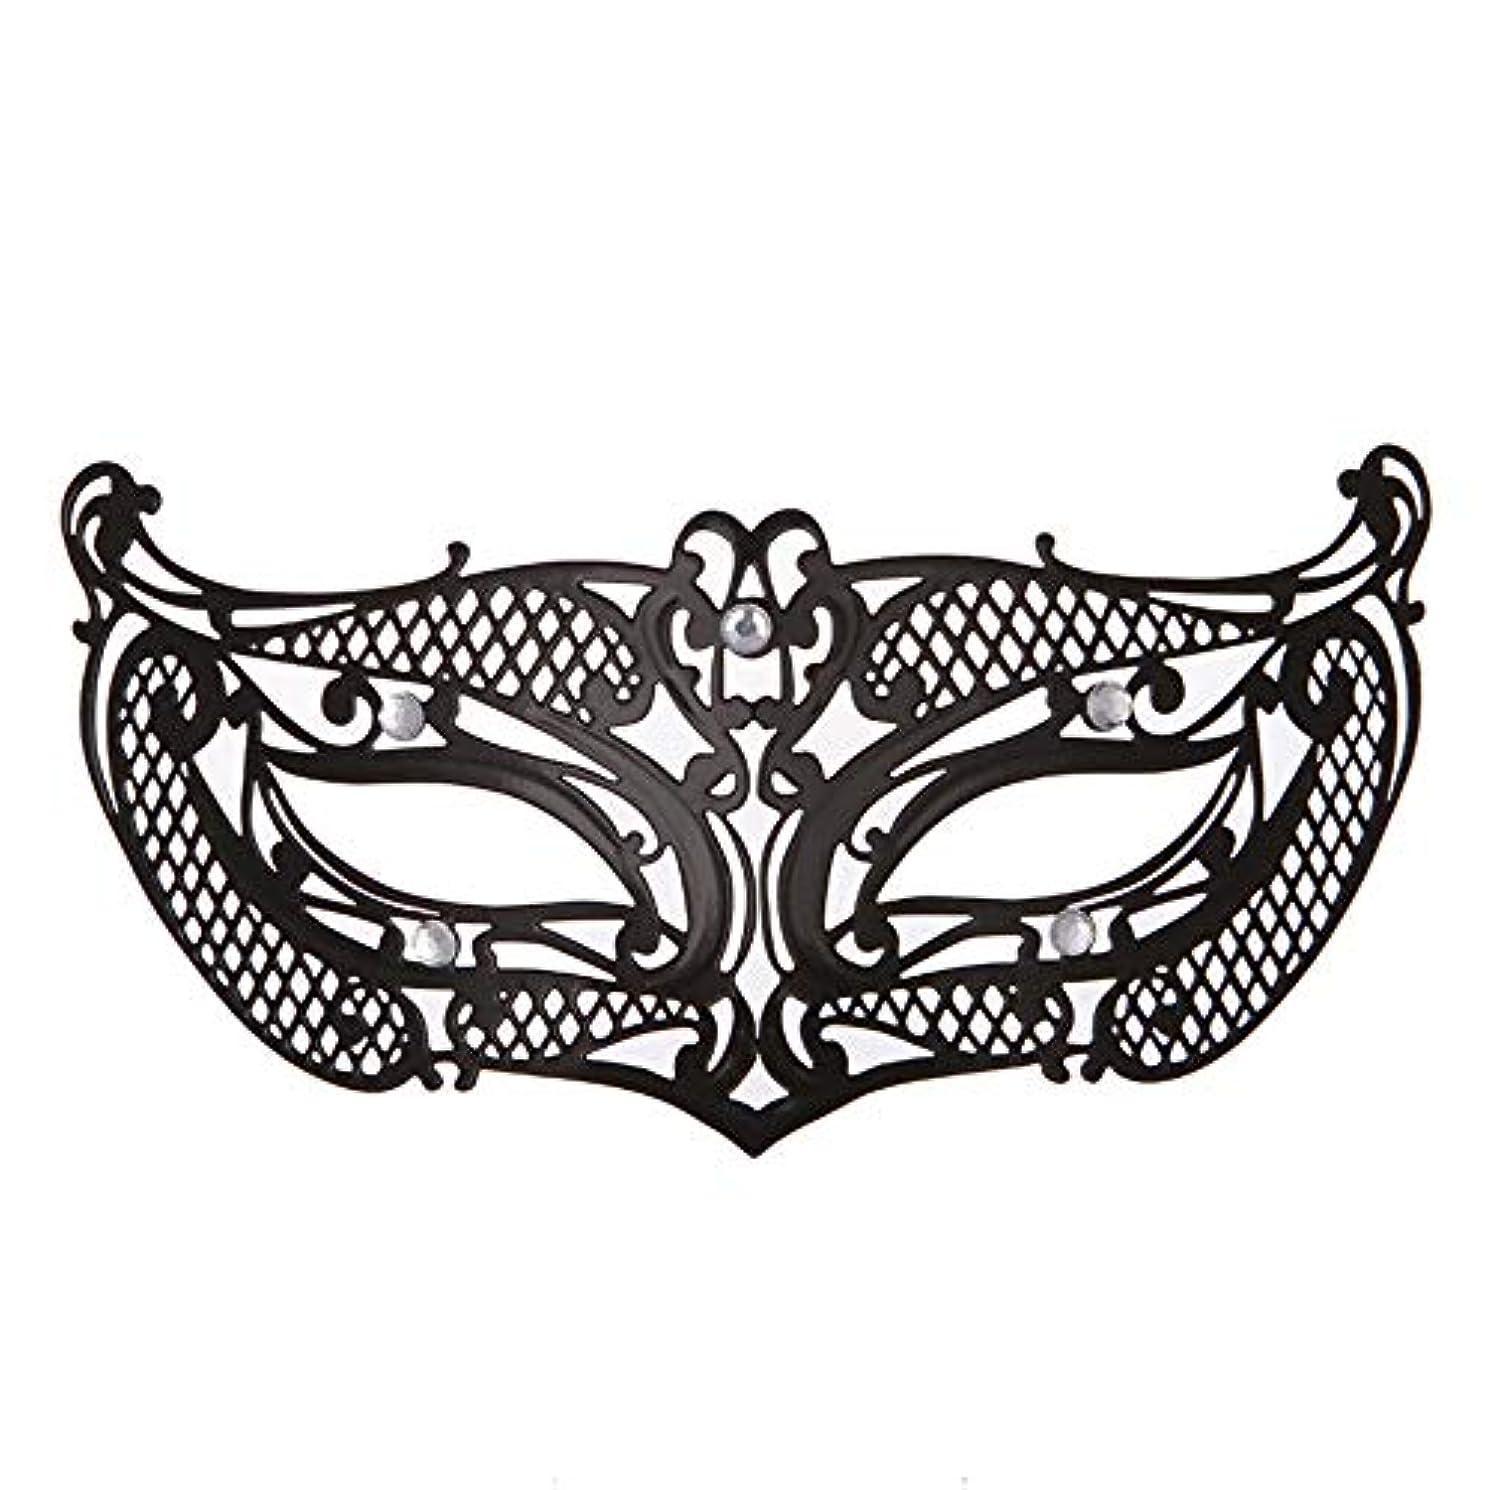 コードレスくびれた精査ダンスマスク アイアンメタリックレースとダイヤモンドハーフマスクハロウィンダンスマスクナイトクラブボールマスクコスプレパーティーハロウィンマスク ホリデーパーティー用品 (色 : ブラック, サイズ : 19x8cm)